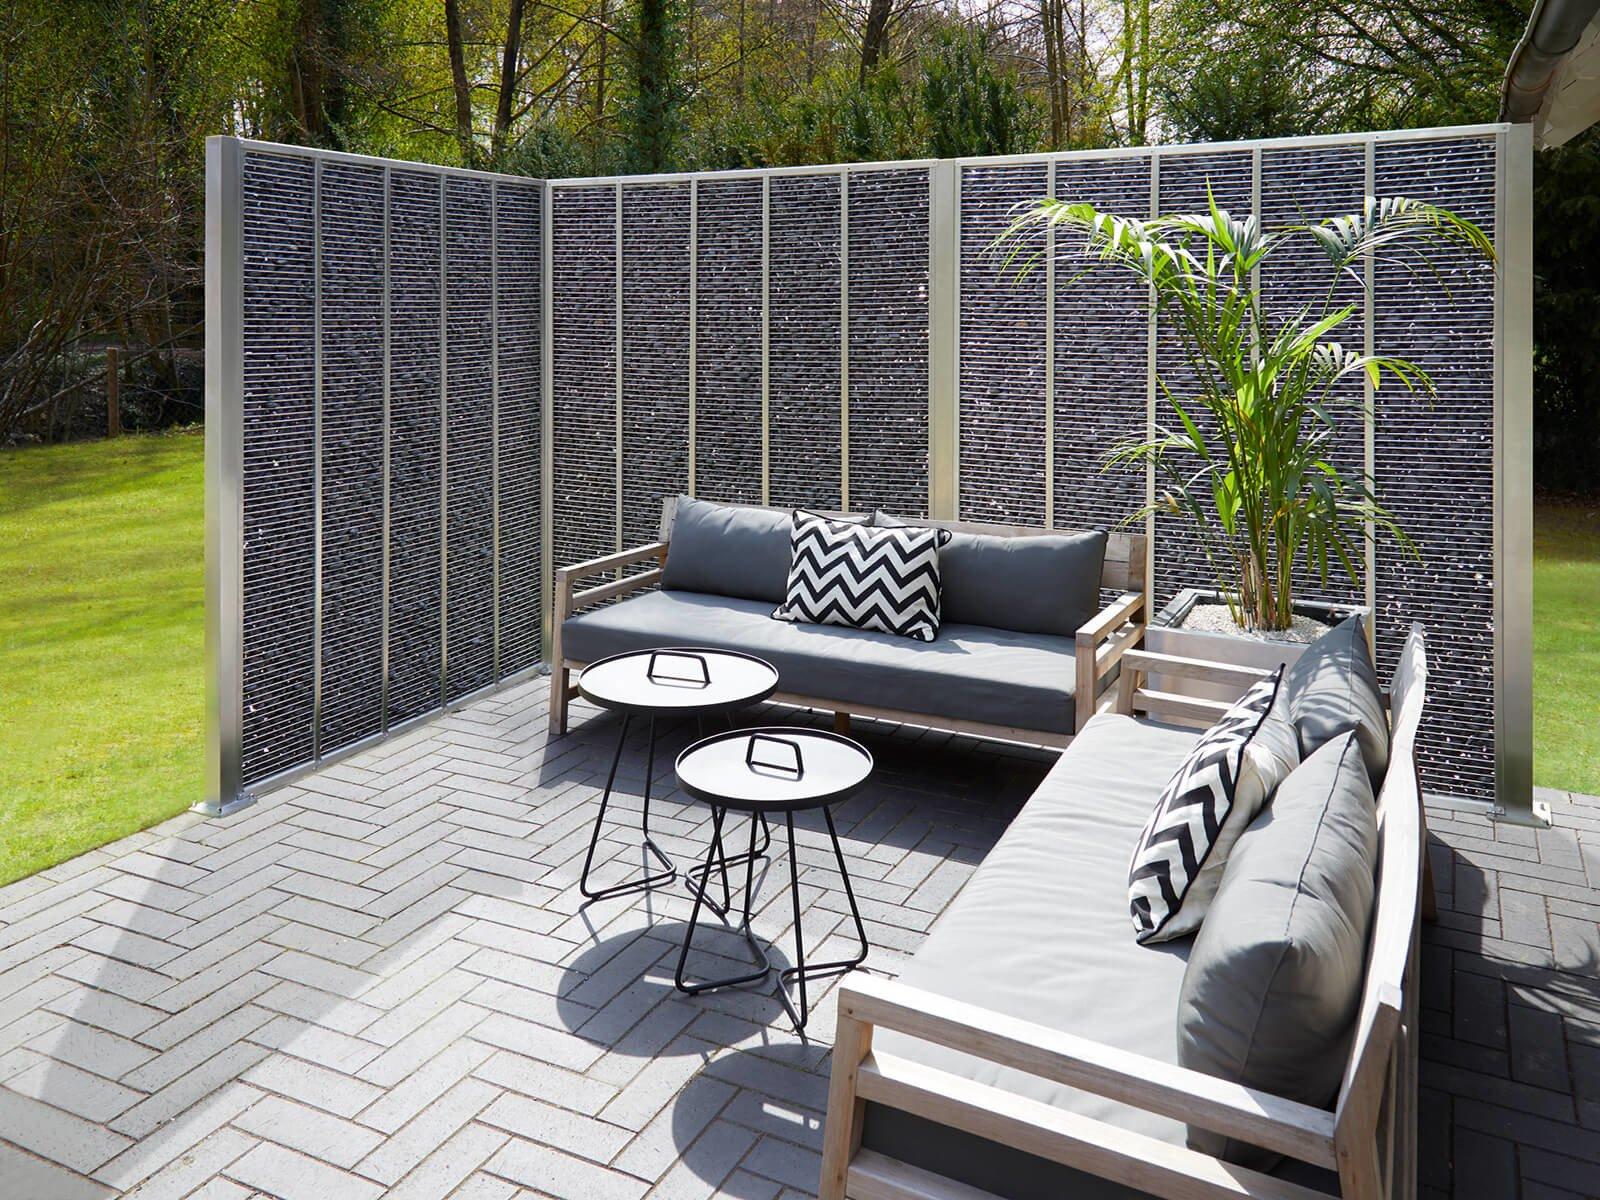 Gabionenzaun aus Steinen als Abgrenzung für die Terasse massgefertigte Ausführung im eleganten Design